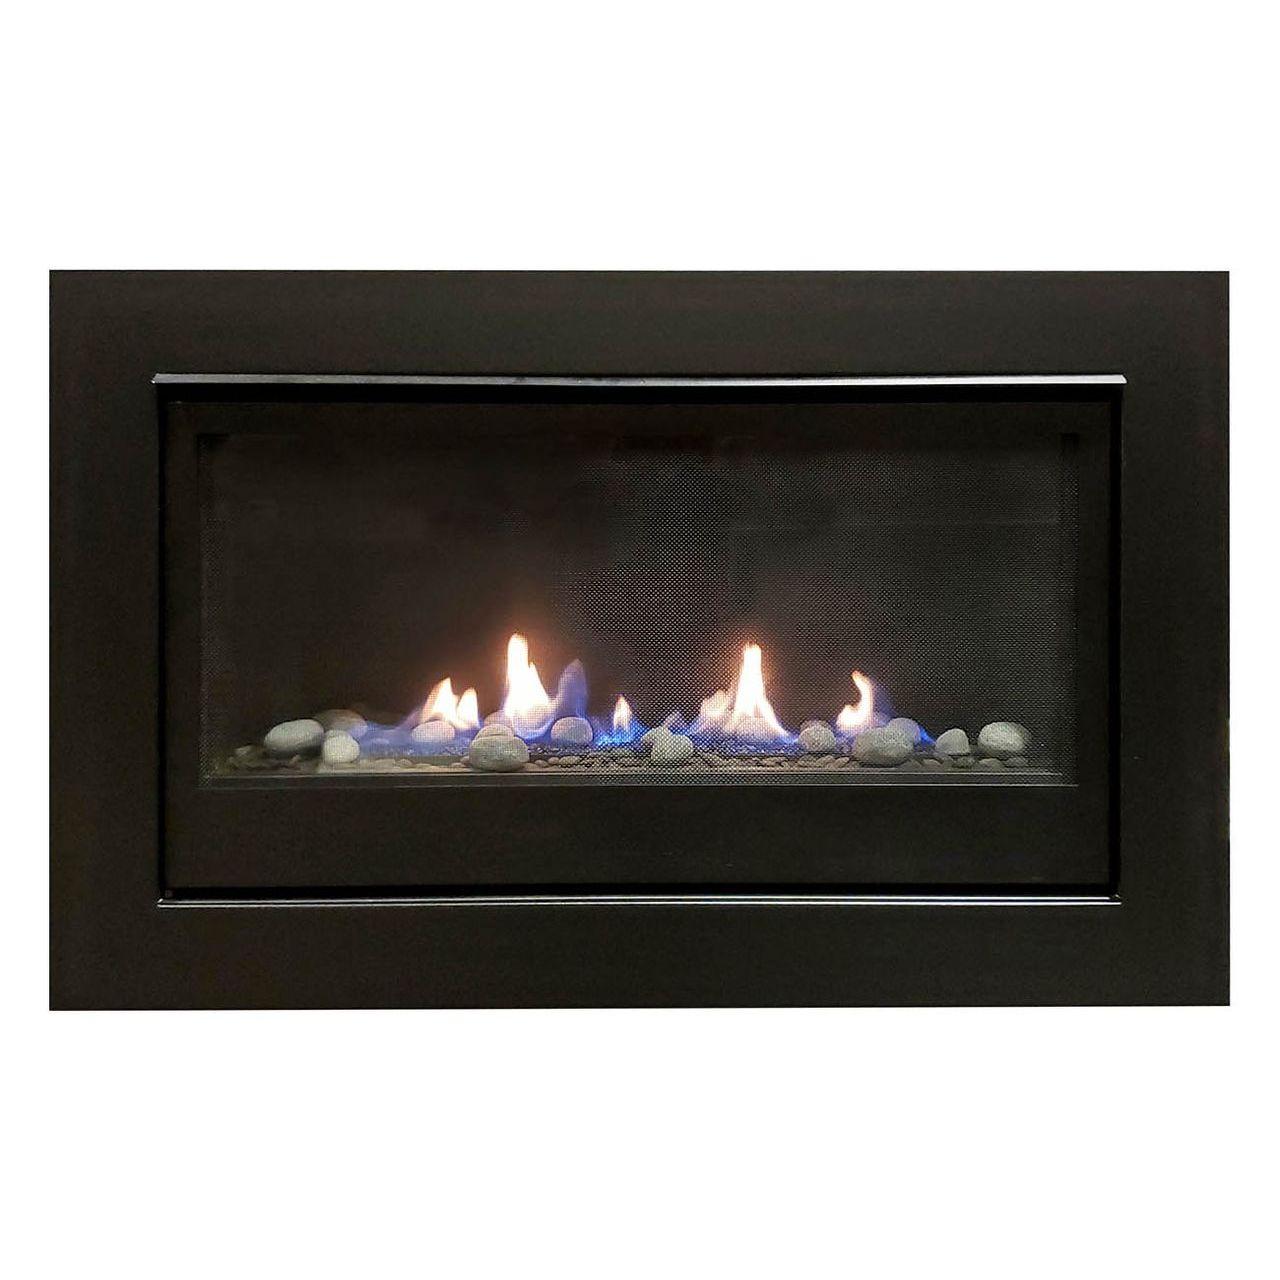 Sierra Flame Boston-36 Builders Linear Gas Fireplace - Liquid Propane